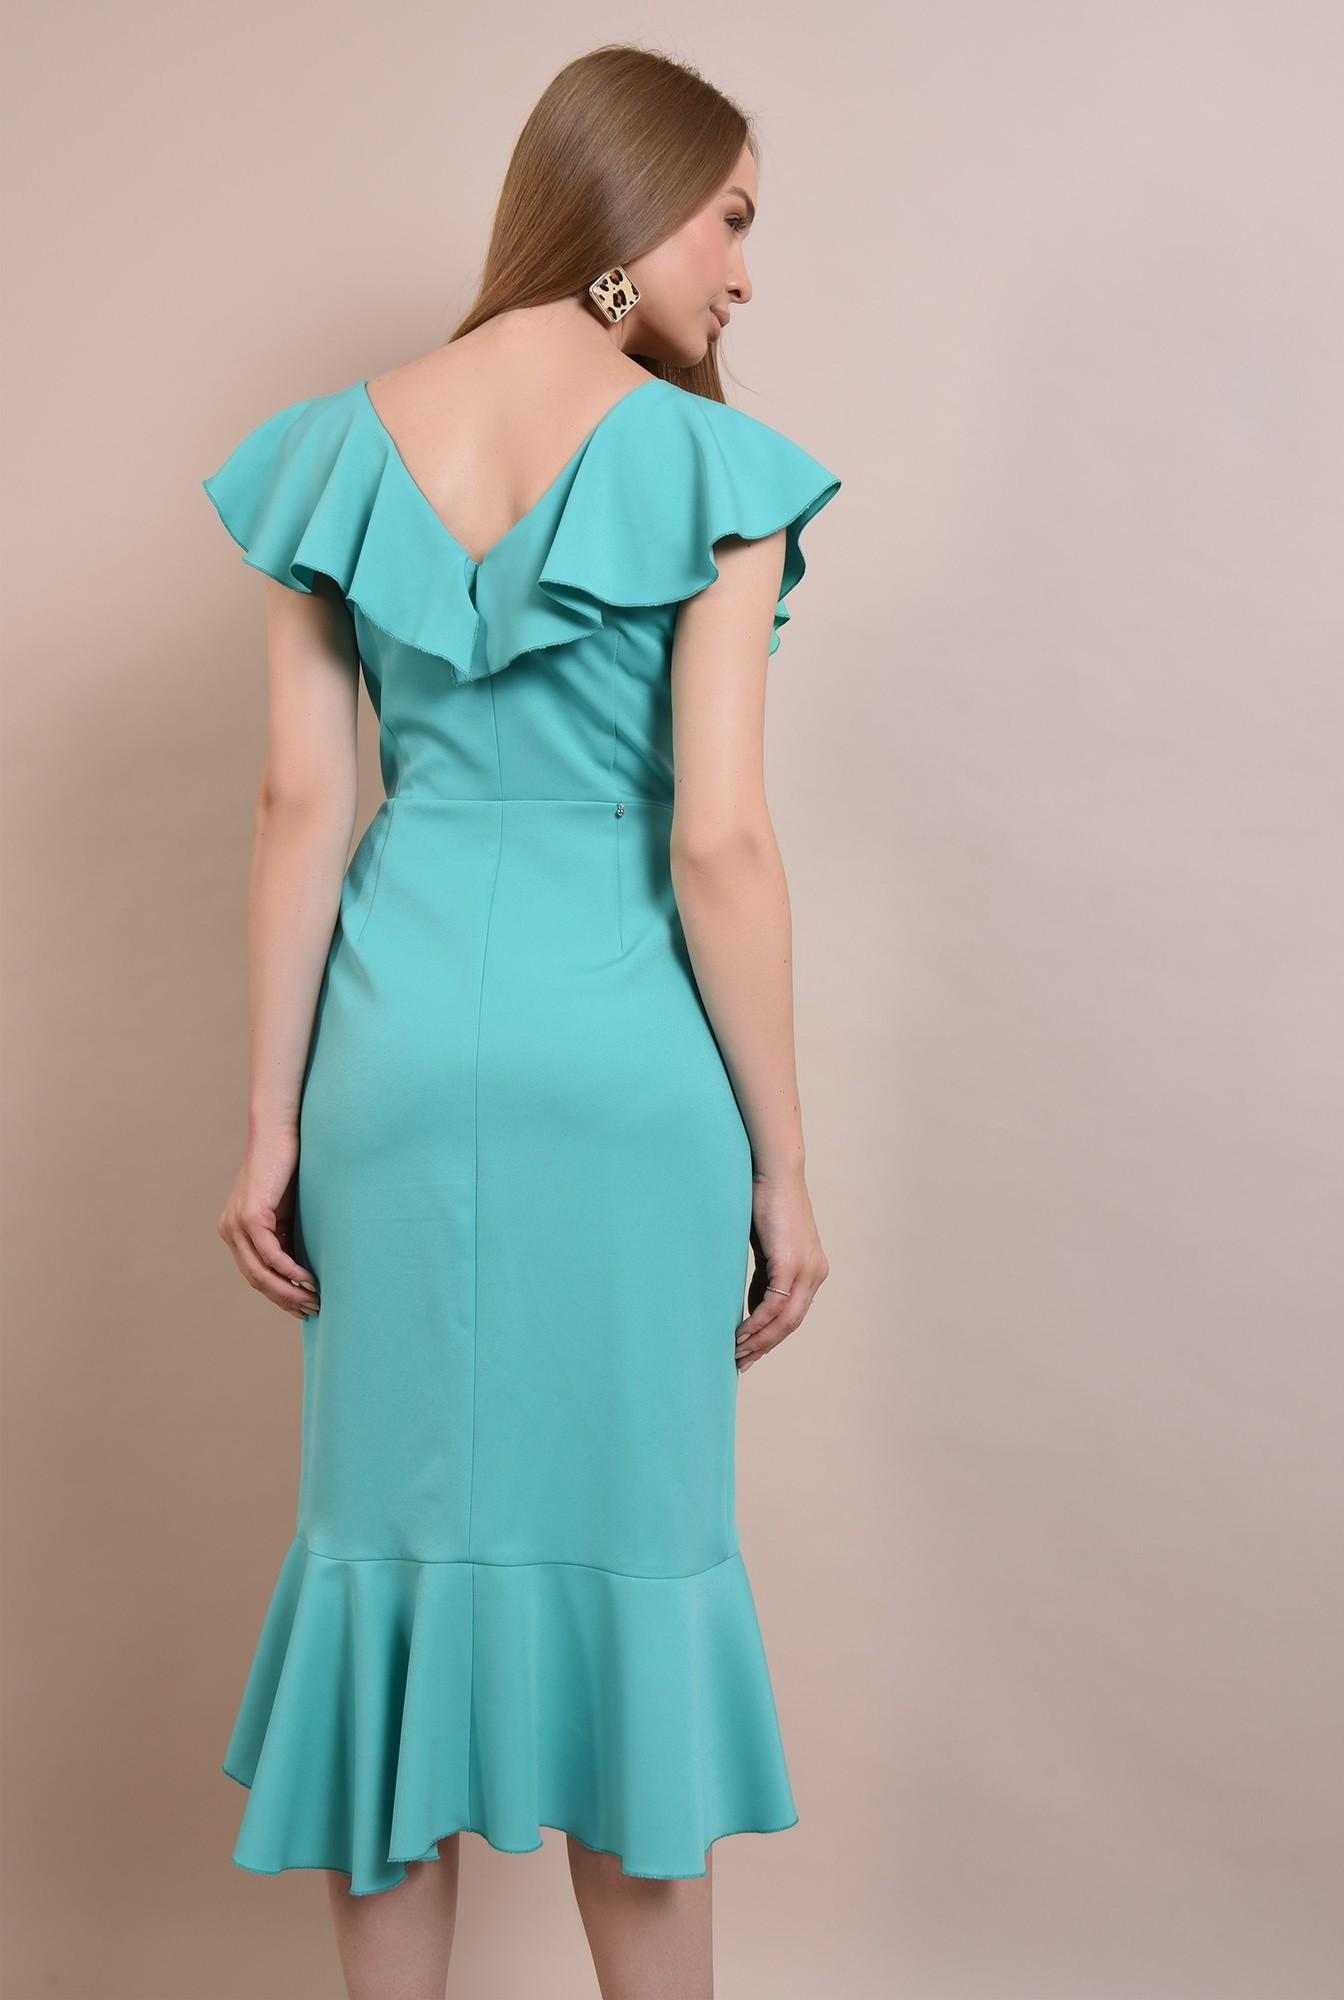 1 - rochie midi, eleganta, cu volane, cu anchior, rochie de ocazie